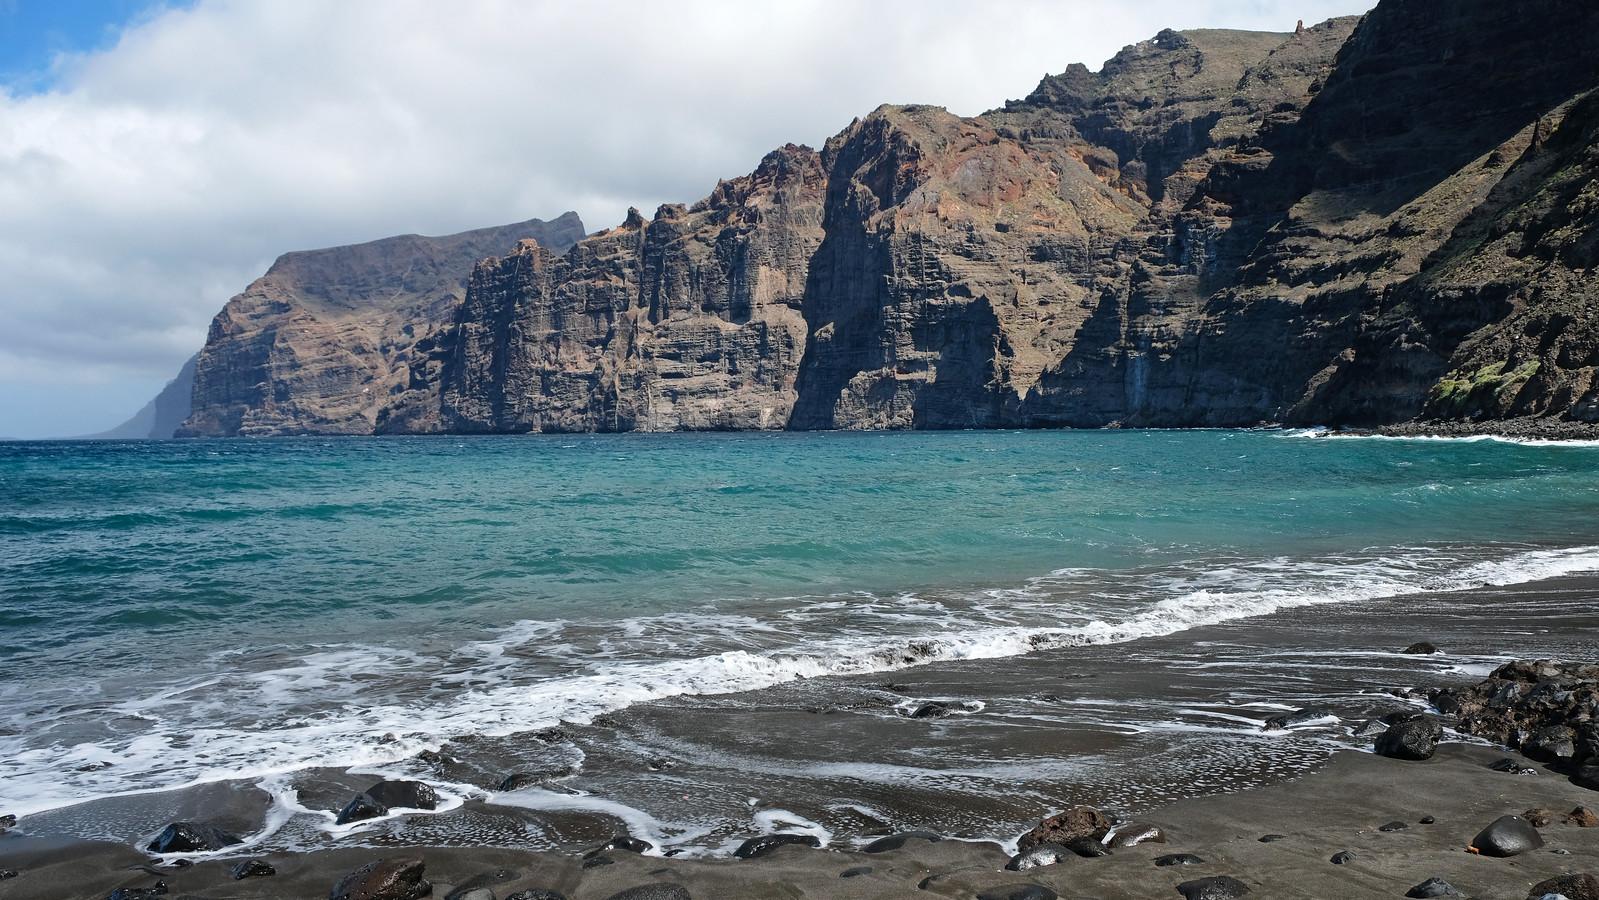 Playa de los Gigantes, Tenerife, Canary Islands, Spain